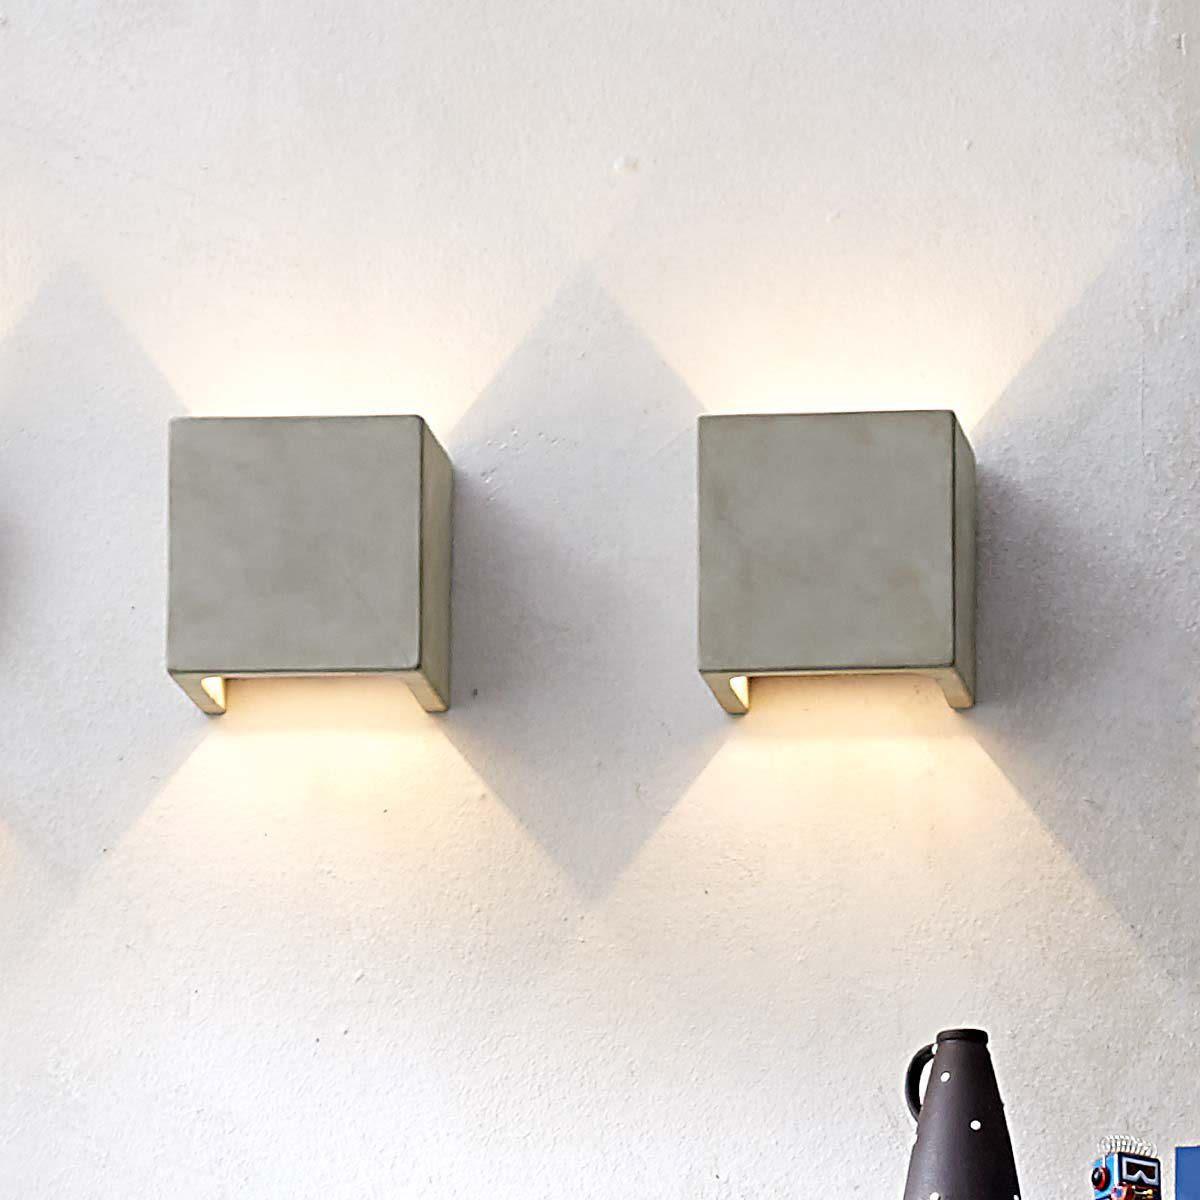 wandleuchte led dimmbar schwanenhals. Black Bedroom Furniture Sets. Home Design Ideas